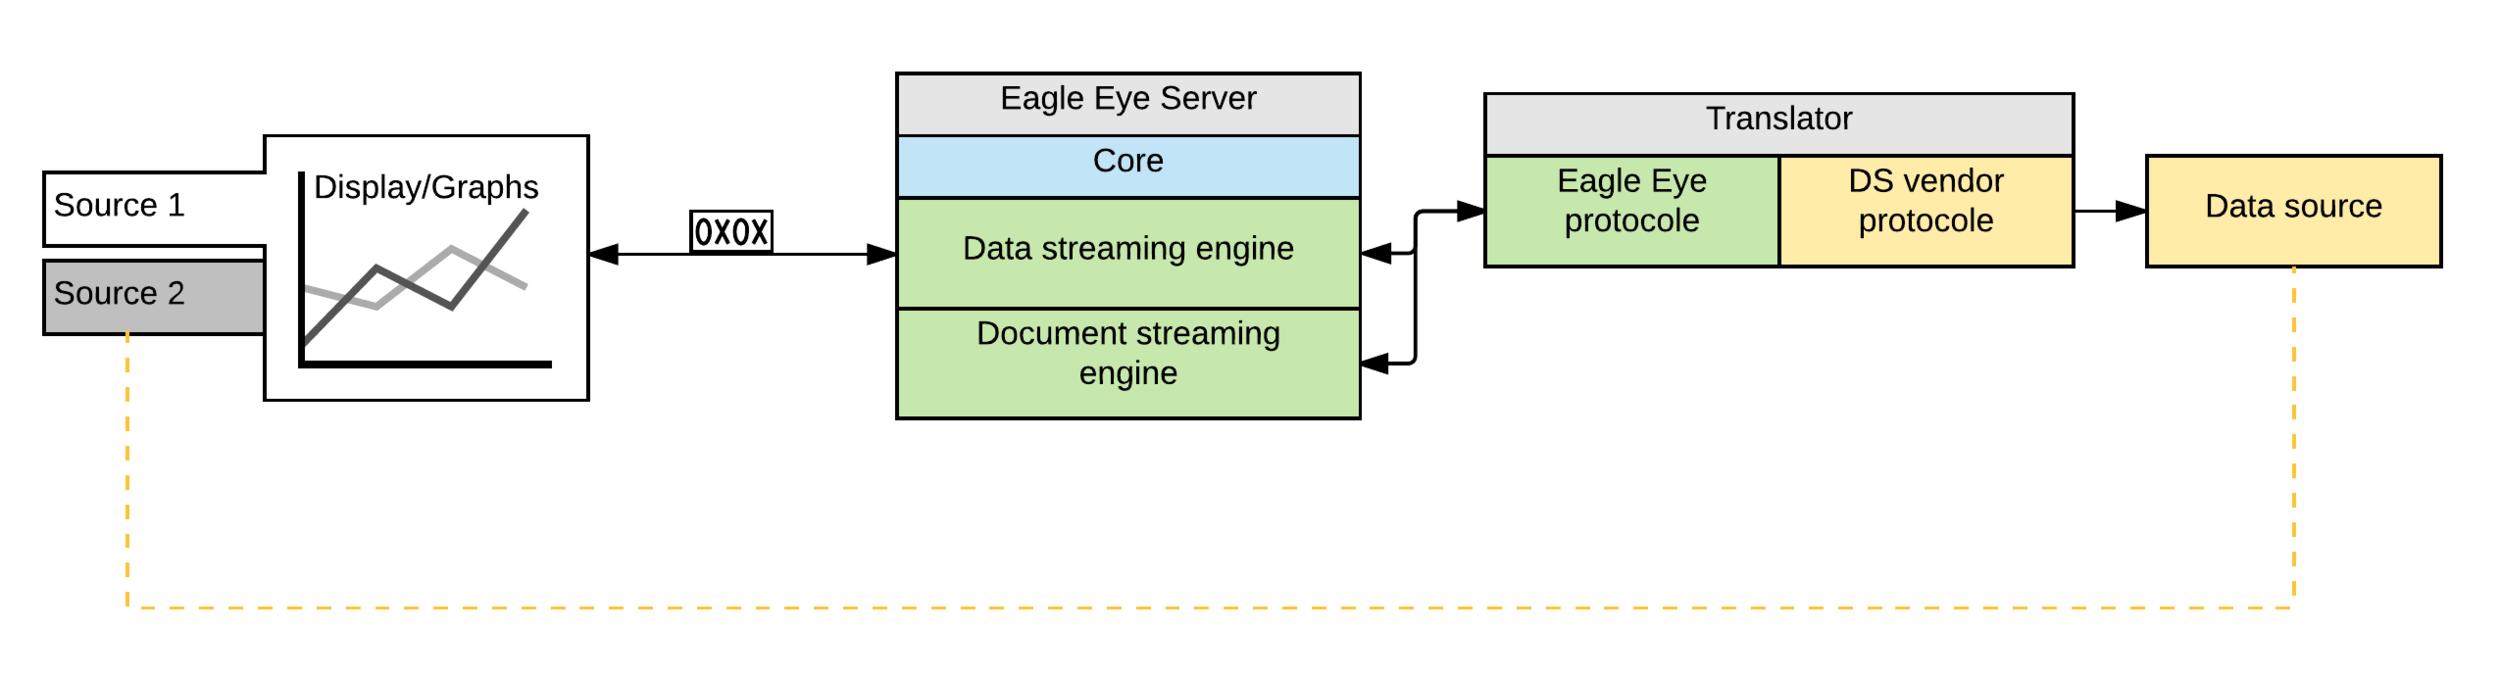 Eagle Eye components